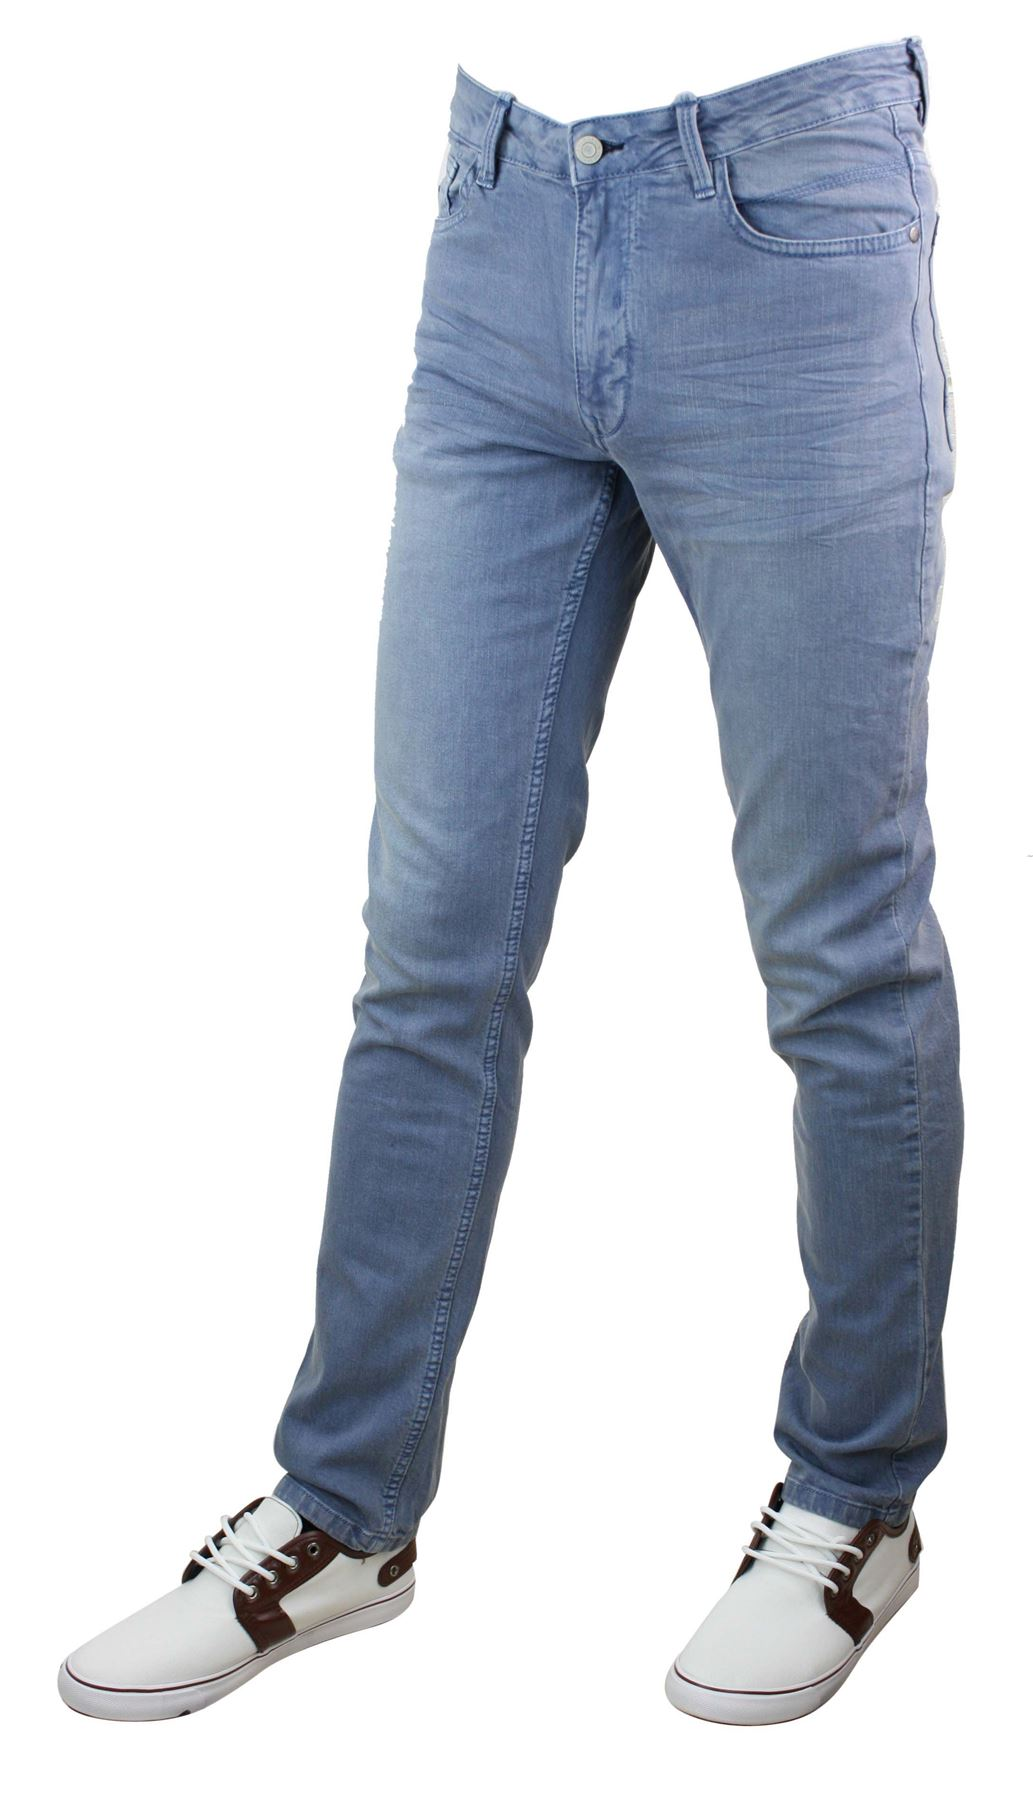 mens denim skinny stretch slim fit jeans all waist sizes 100 cotton designer ebay. Black Bedroom Furniture Sets. Home Design Ideas